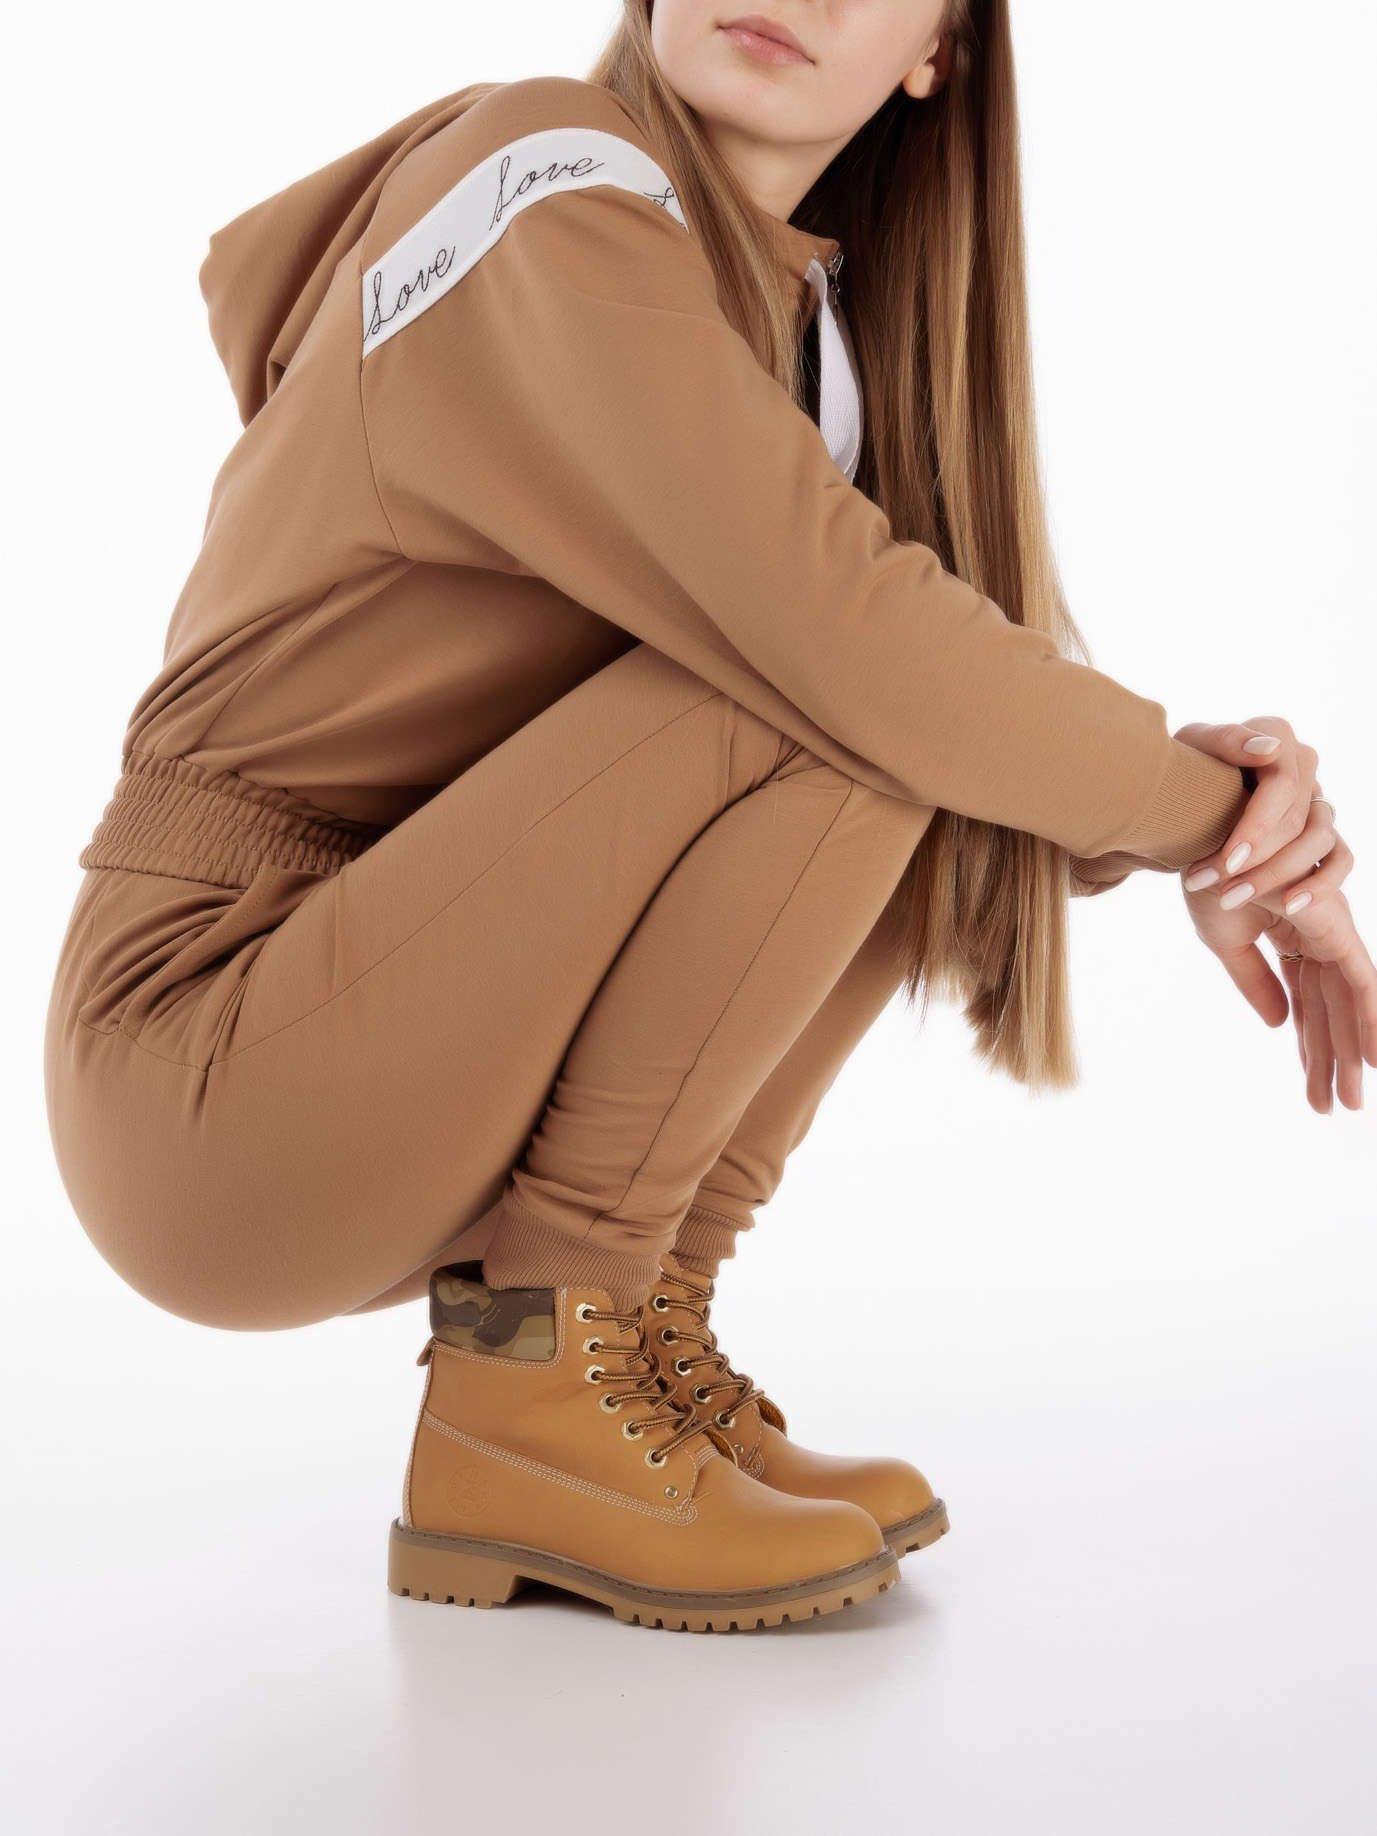 0e726857 Beżowe buty trekkingowe damskie, ocieplane traperki z jasnobeżową podeszwą  i cholewką we wzór moro